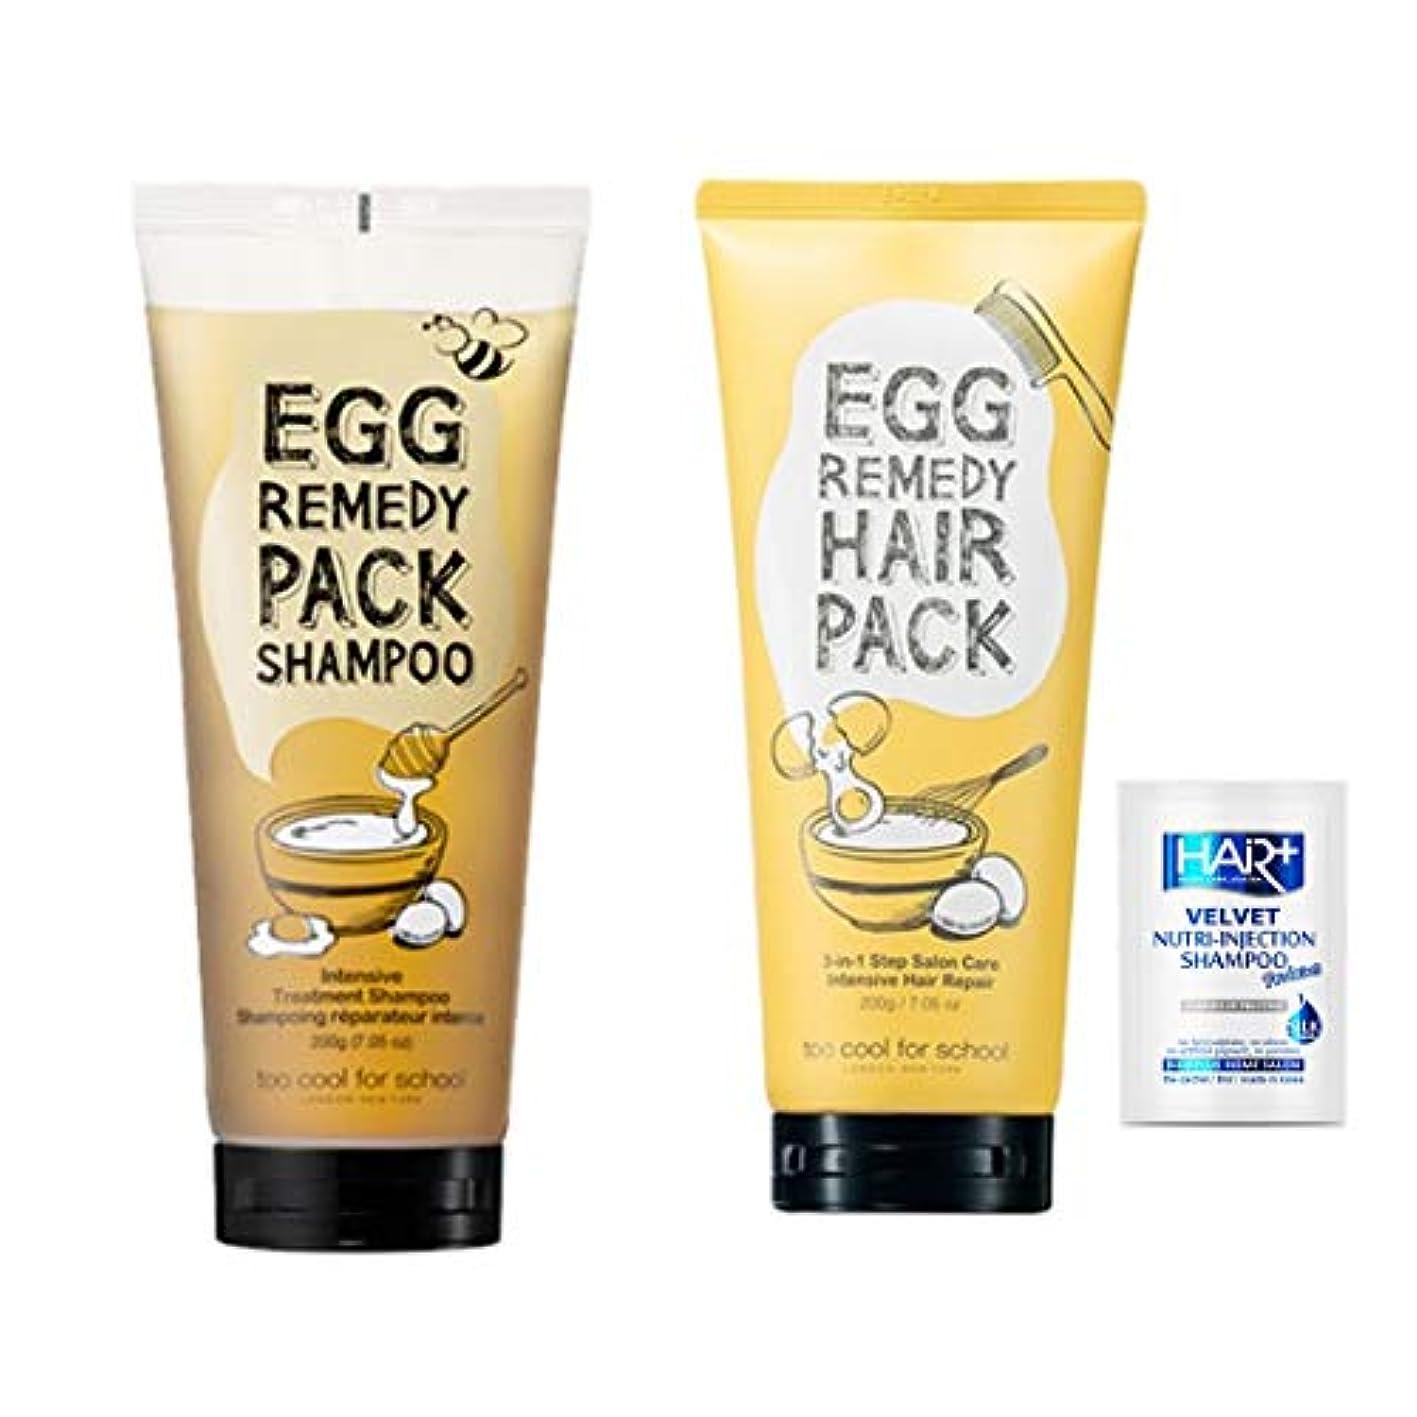 荒涼としたフロント九トゥークールフォ―スクール(too cool for school)/エッグレミディパックシャンプーtoo cool for school Egg Remedy Pack Shampoo 200ml + エッグレミディヘアパック...